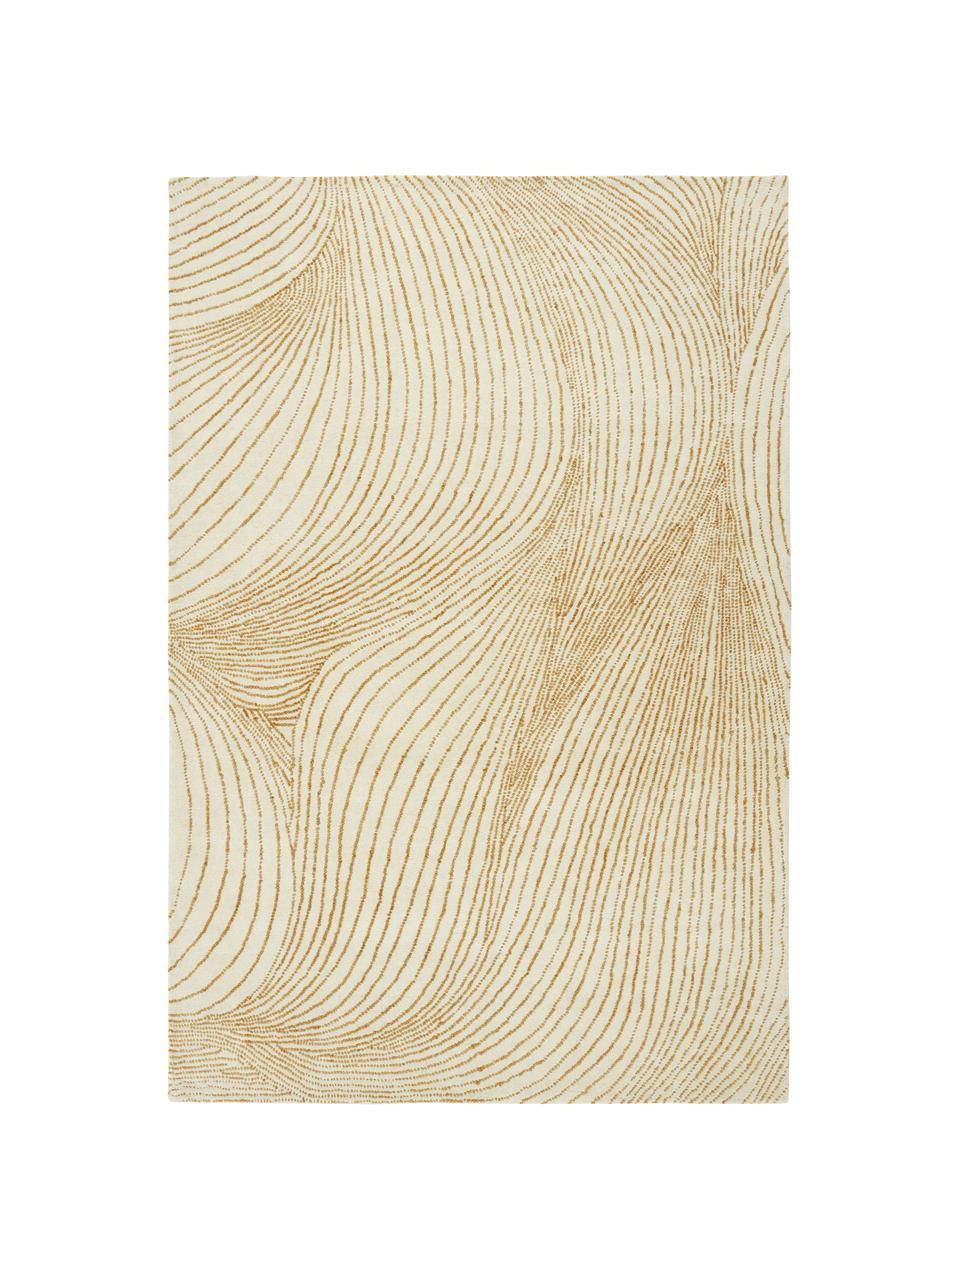 Handgeweven wollen vloerkleed Waverly met golfpatroon, 100% wol Bij wollen vloerkleden kunnen vezels loskomen in de eerste weken van gebruik, dit neemt af door dagelijks gebruik en pluizen wordt verminderd., Beige, wit, B 160 x L 230 cm (maat M)